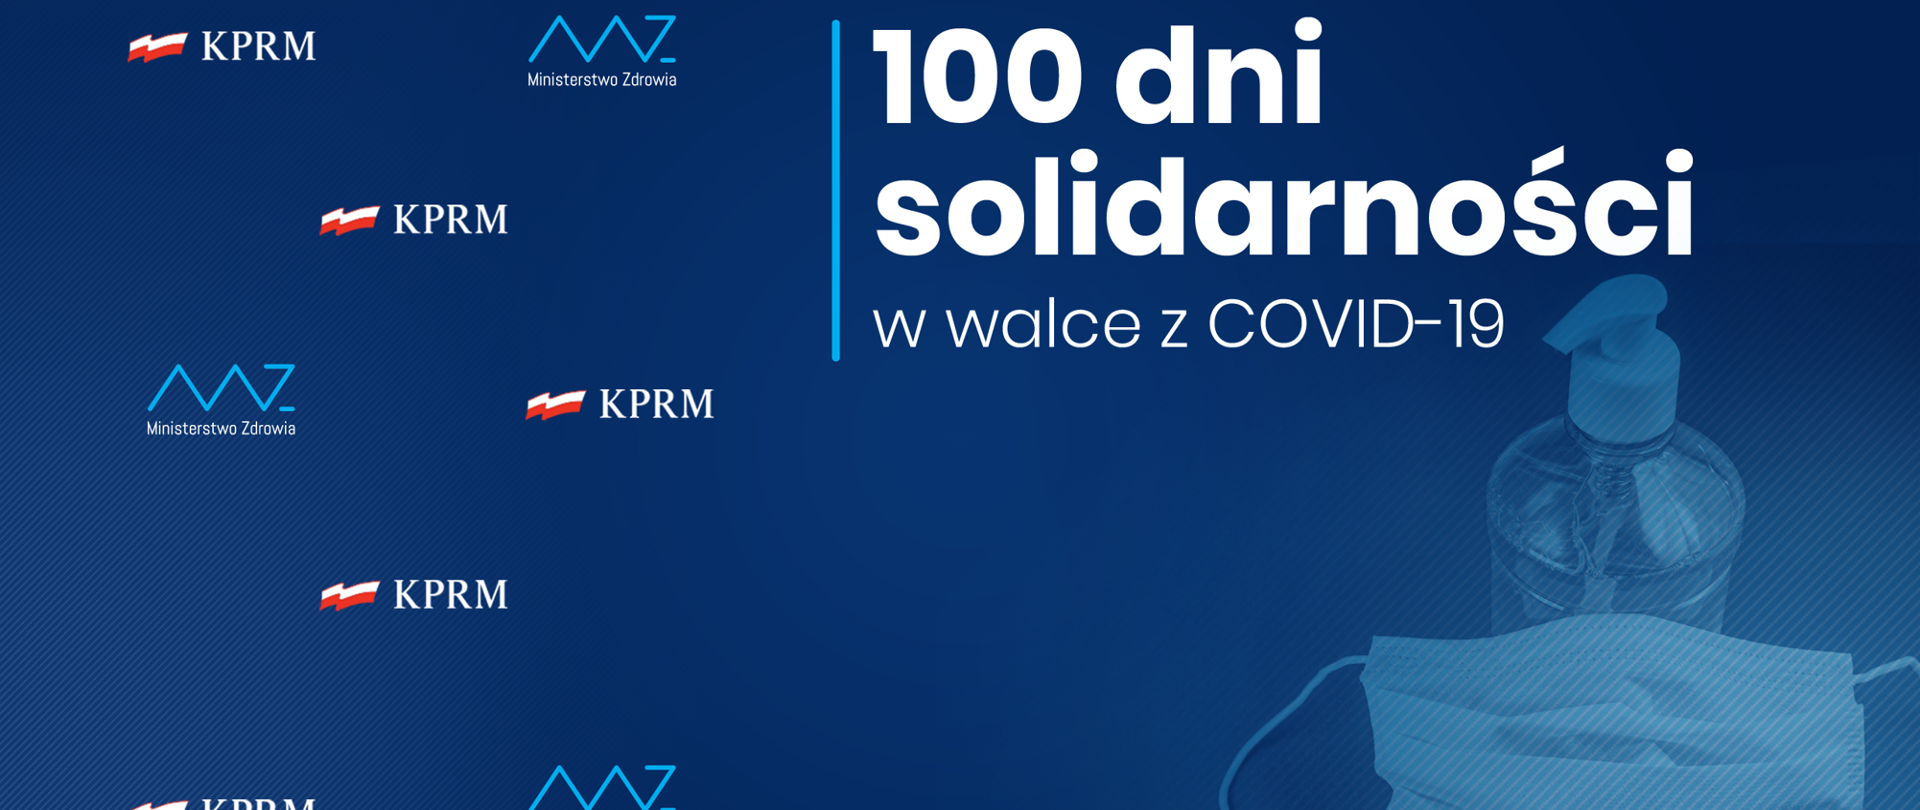 Niebieskie tło z napisem 100 dni solidarności w walce z COVID-19, płynem dezynfekcyjnym i maseczką.